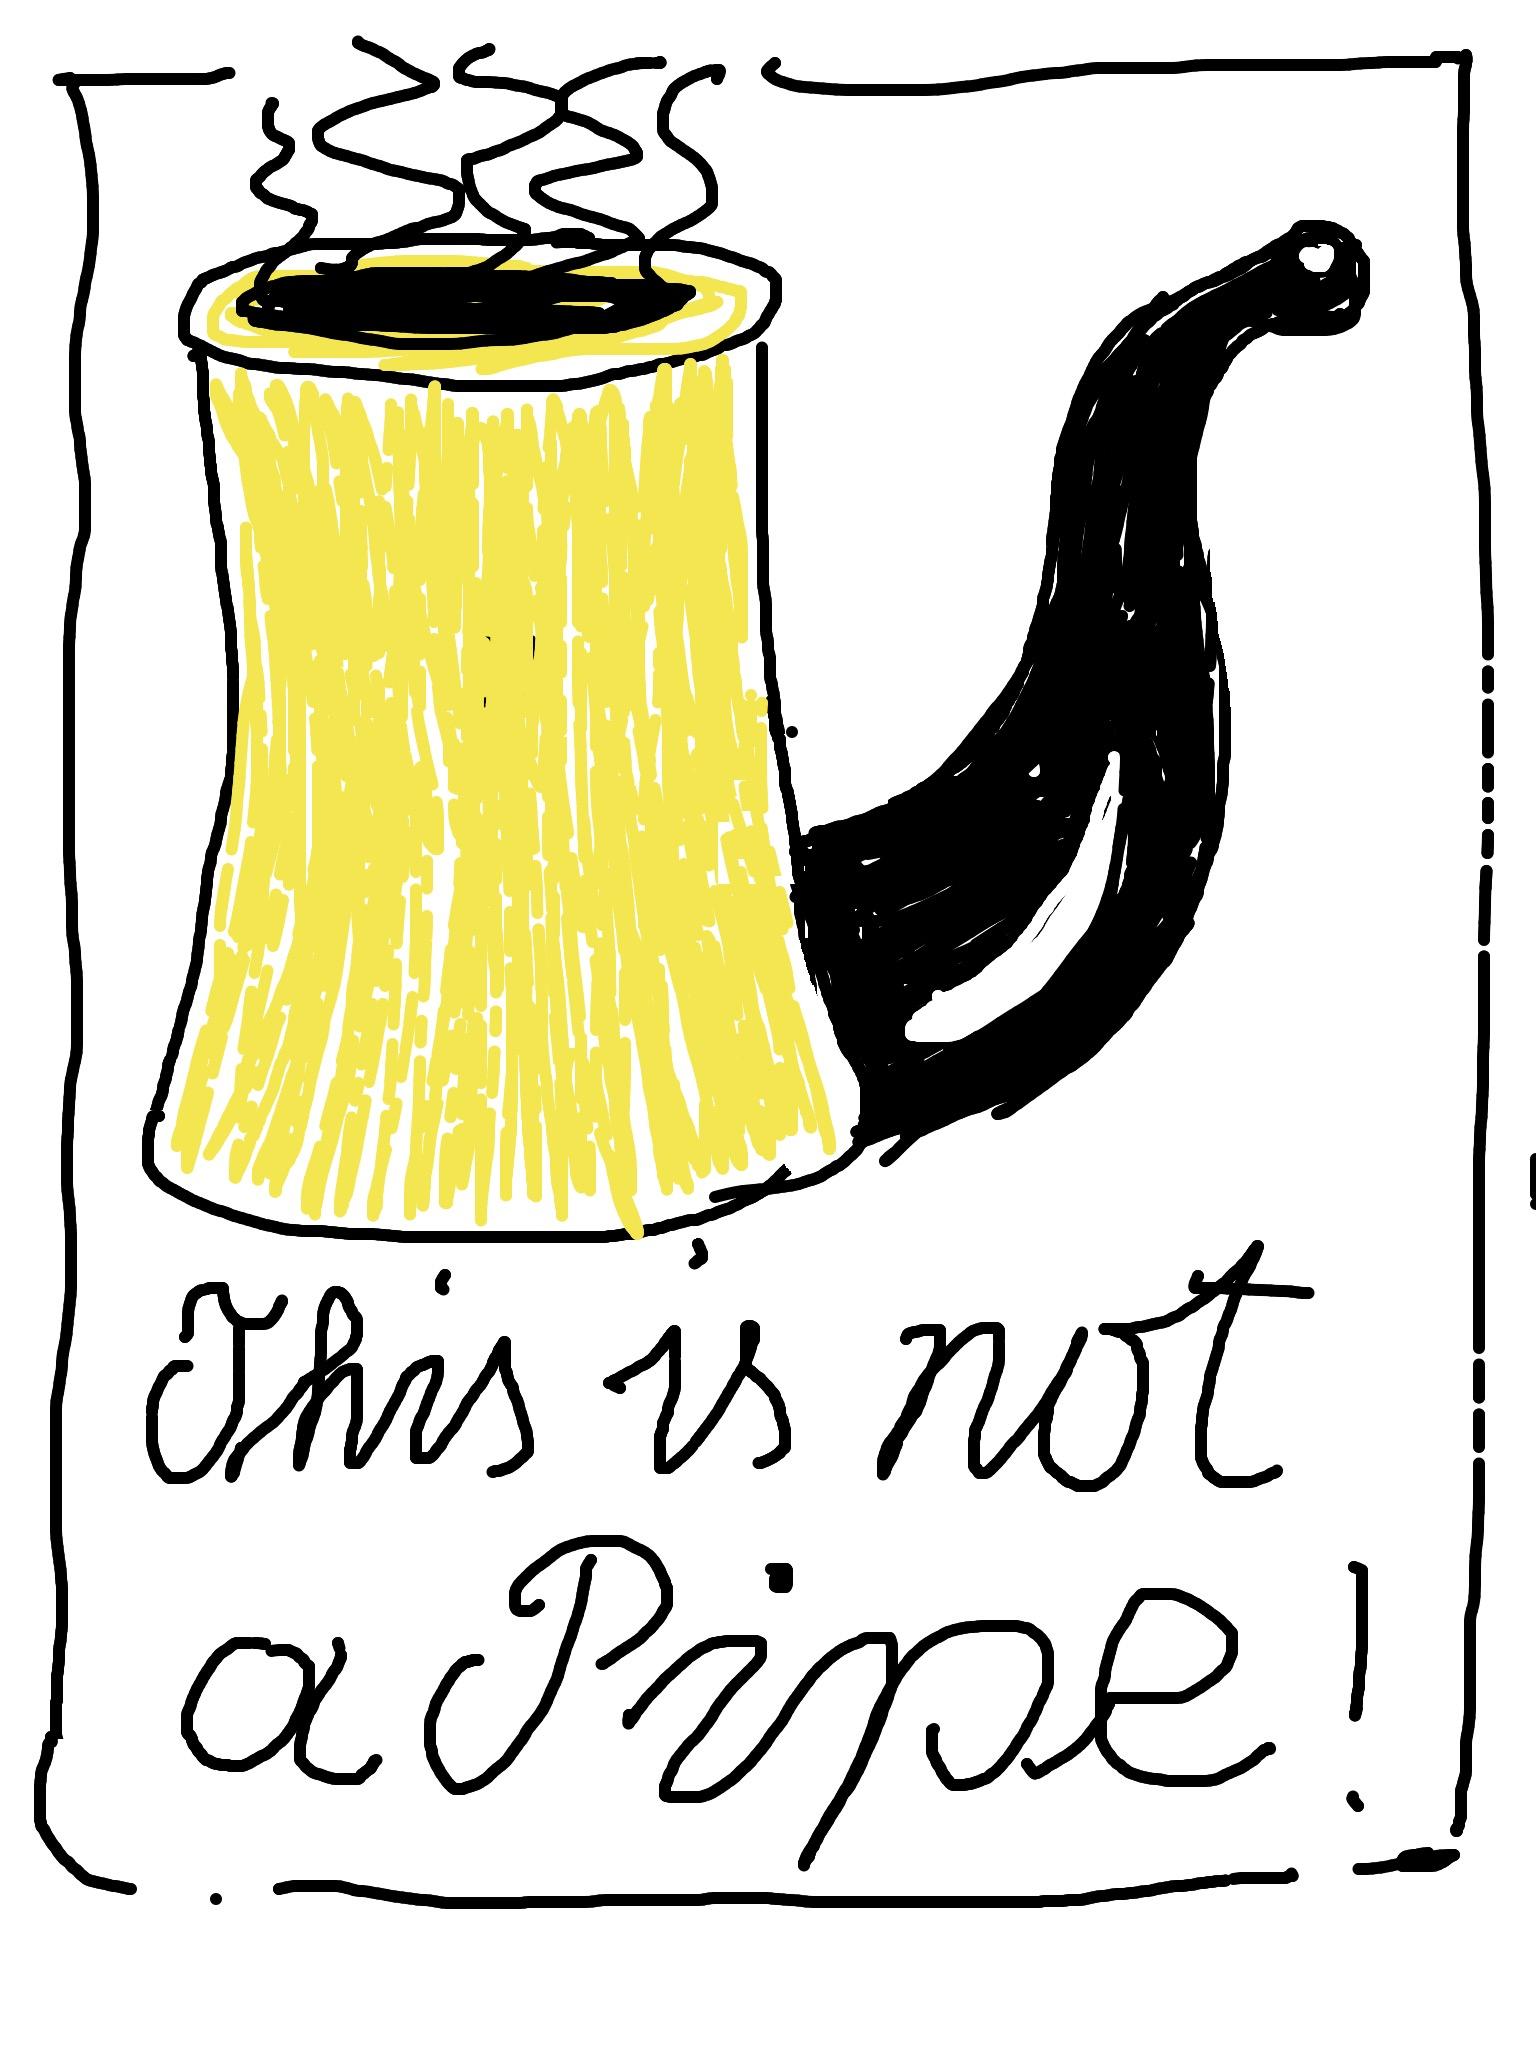 Is it a pipe?